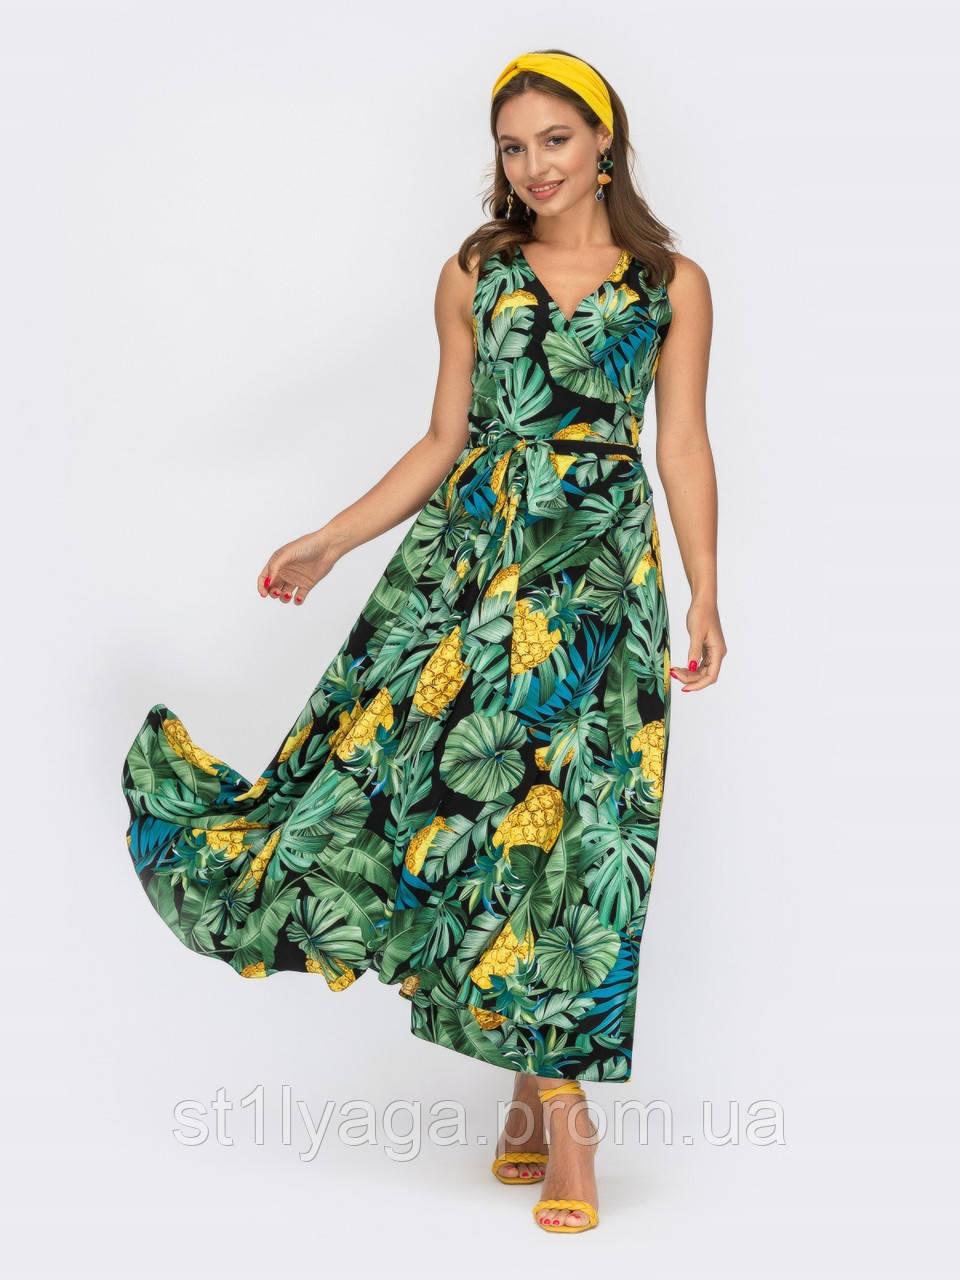 Зеленое платье-миди на запах с принтом ананас ЛЕТО